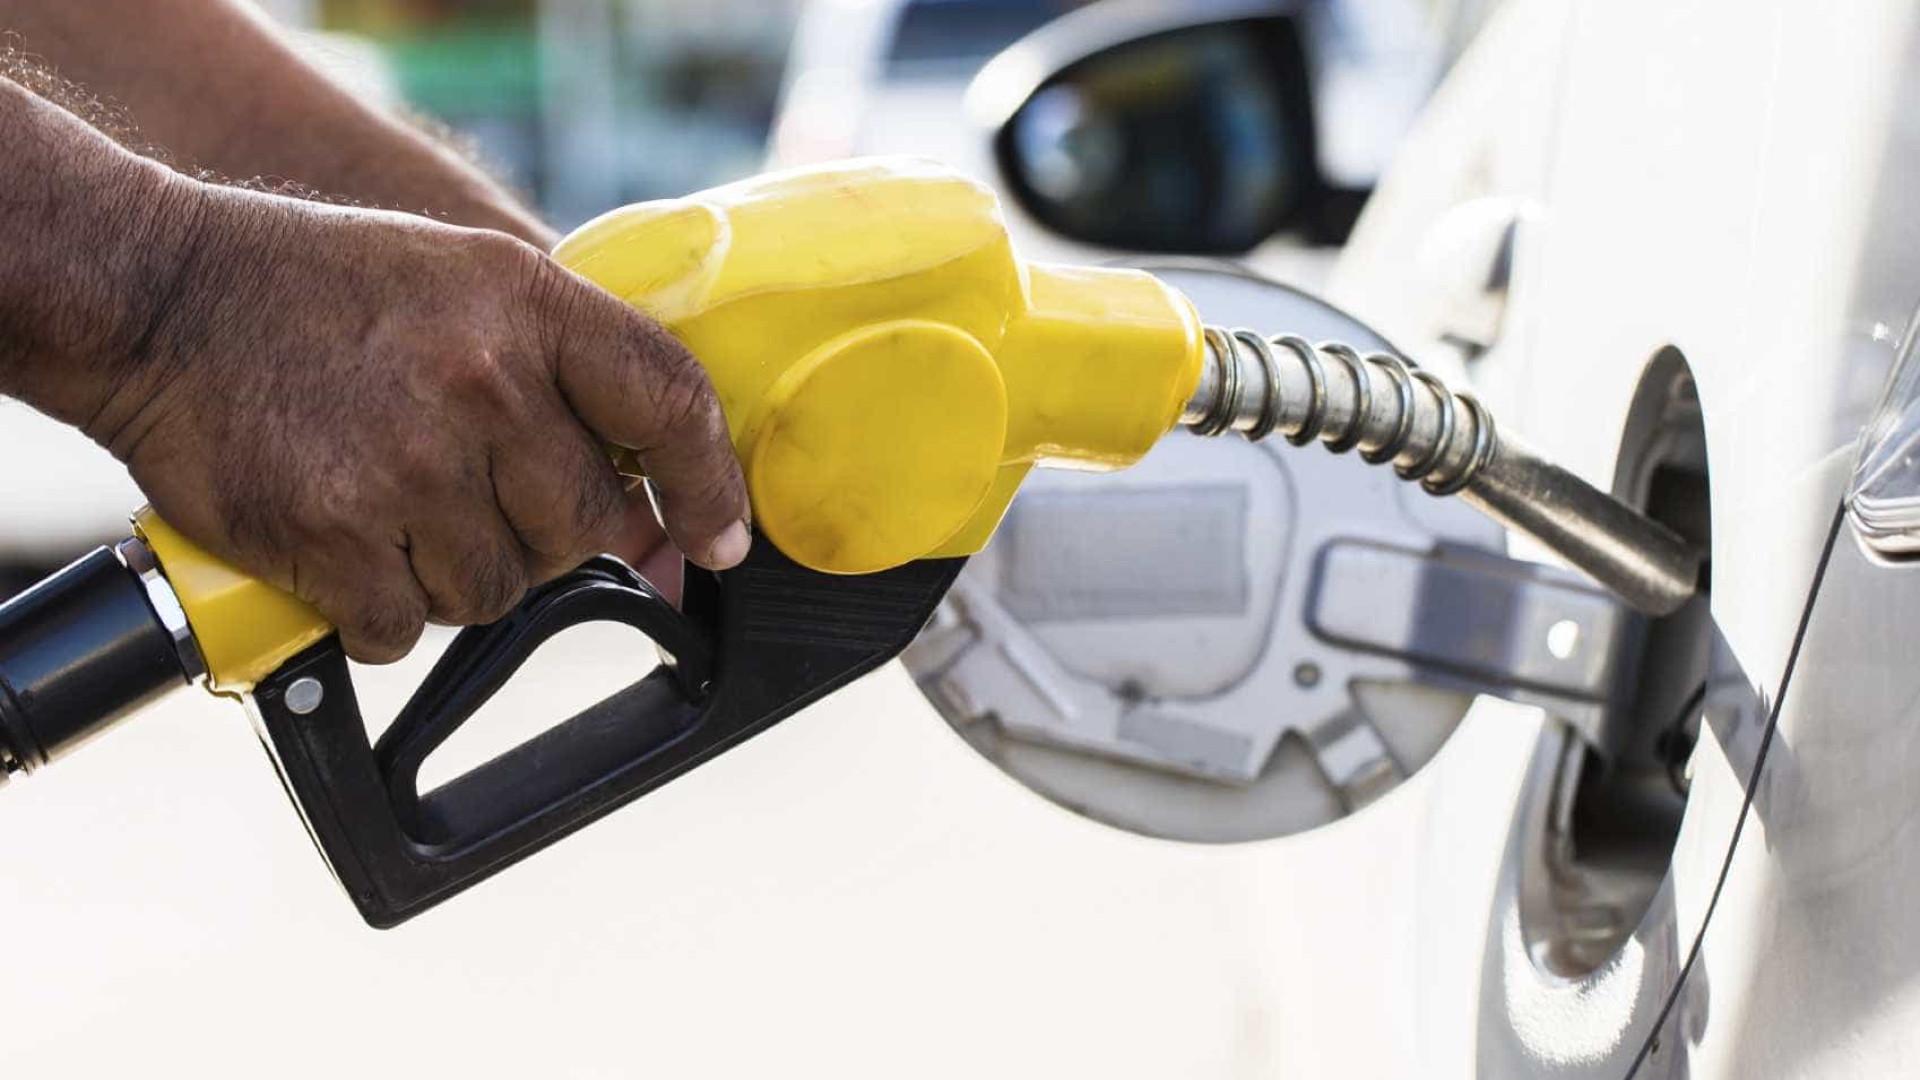 Combustíveis. Gasóleo mantém-se, mas há melhores notícias para a gasolina